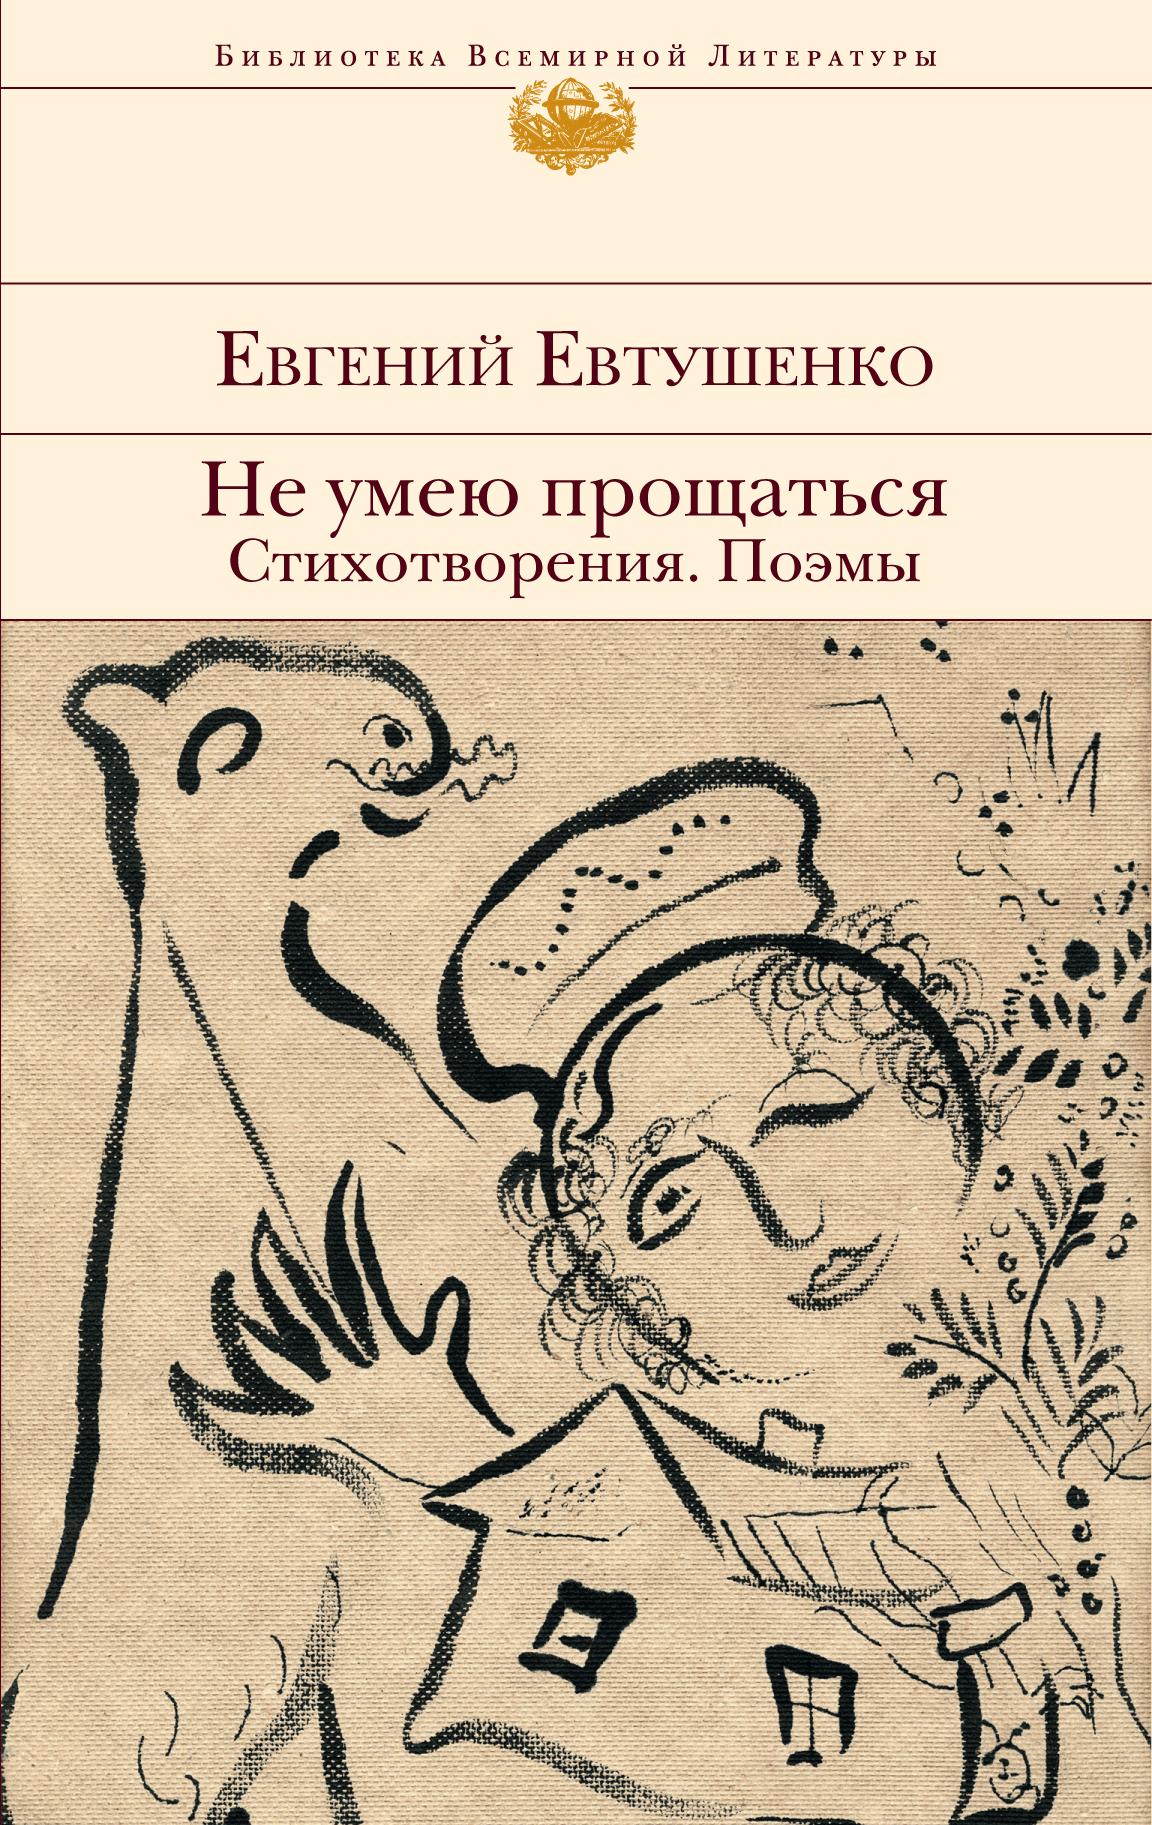 Евгений Евтушенко Не умею прощаться. Стихотворения. Поэмы евтушенко е не умею прощаться стихотворения поэмы